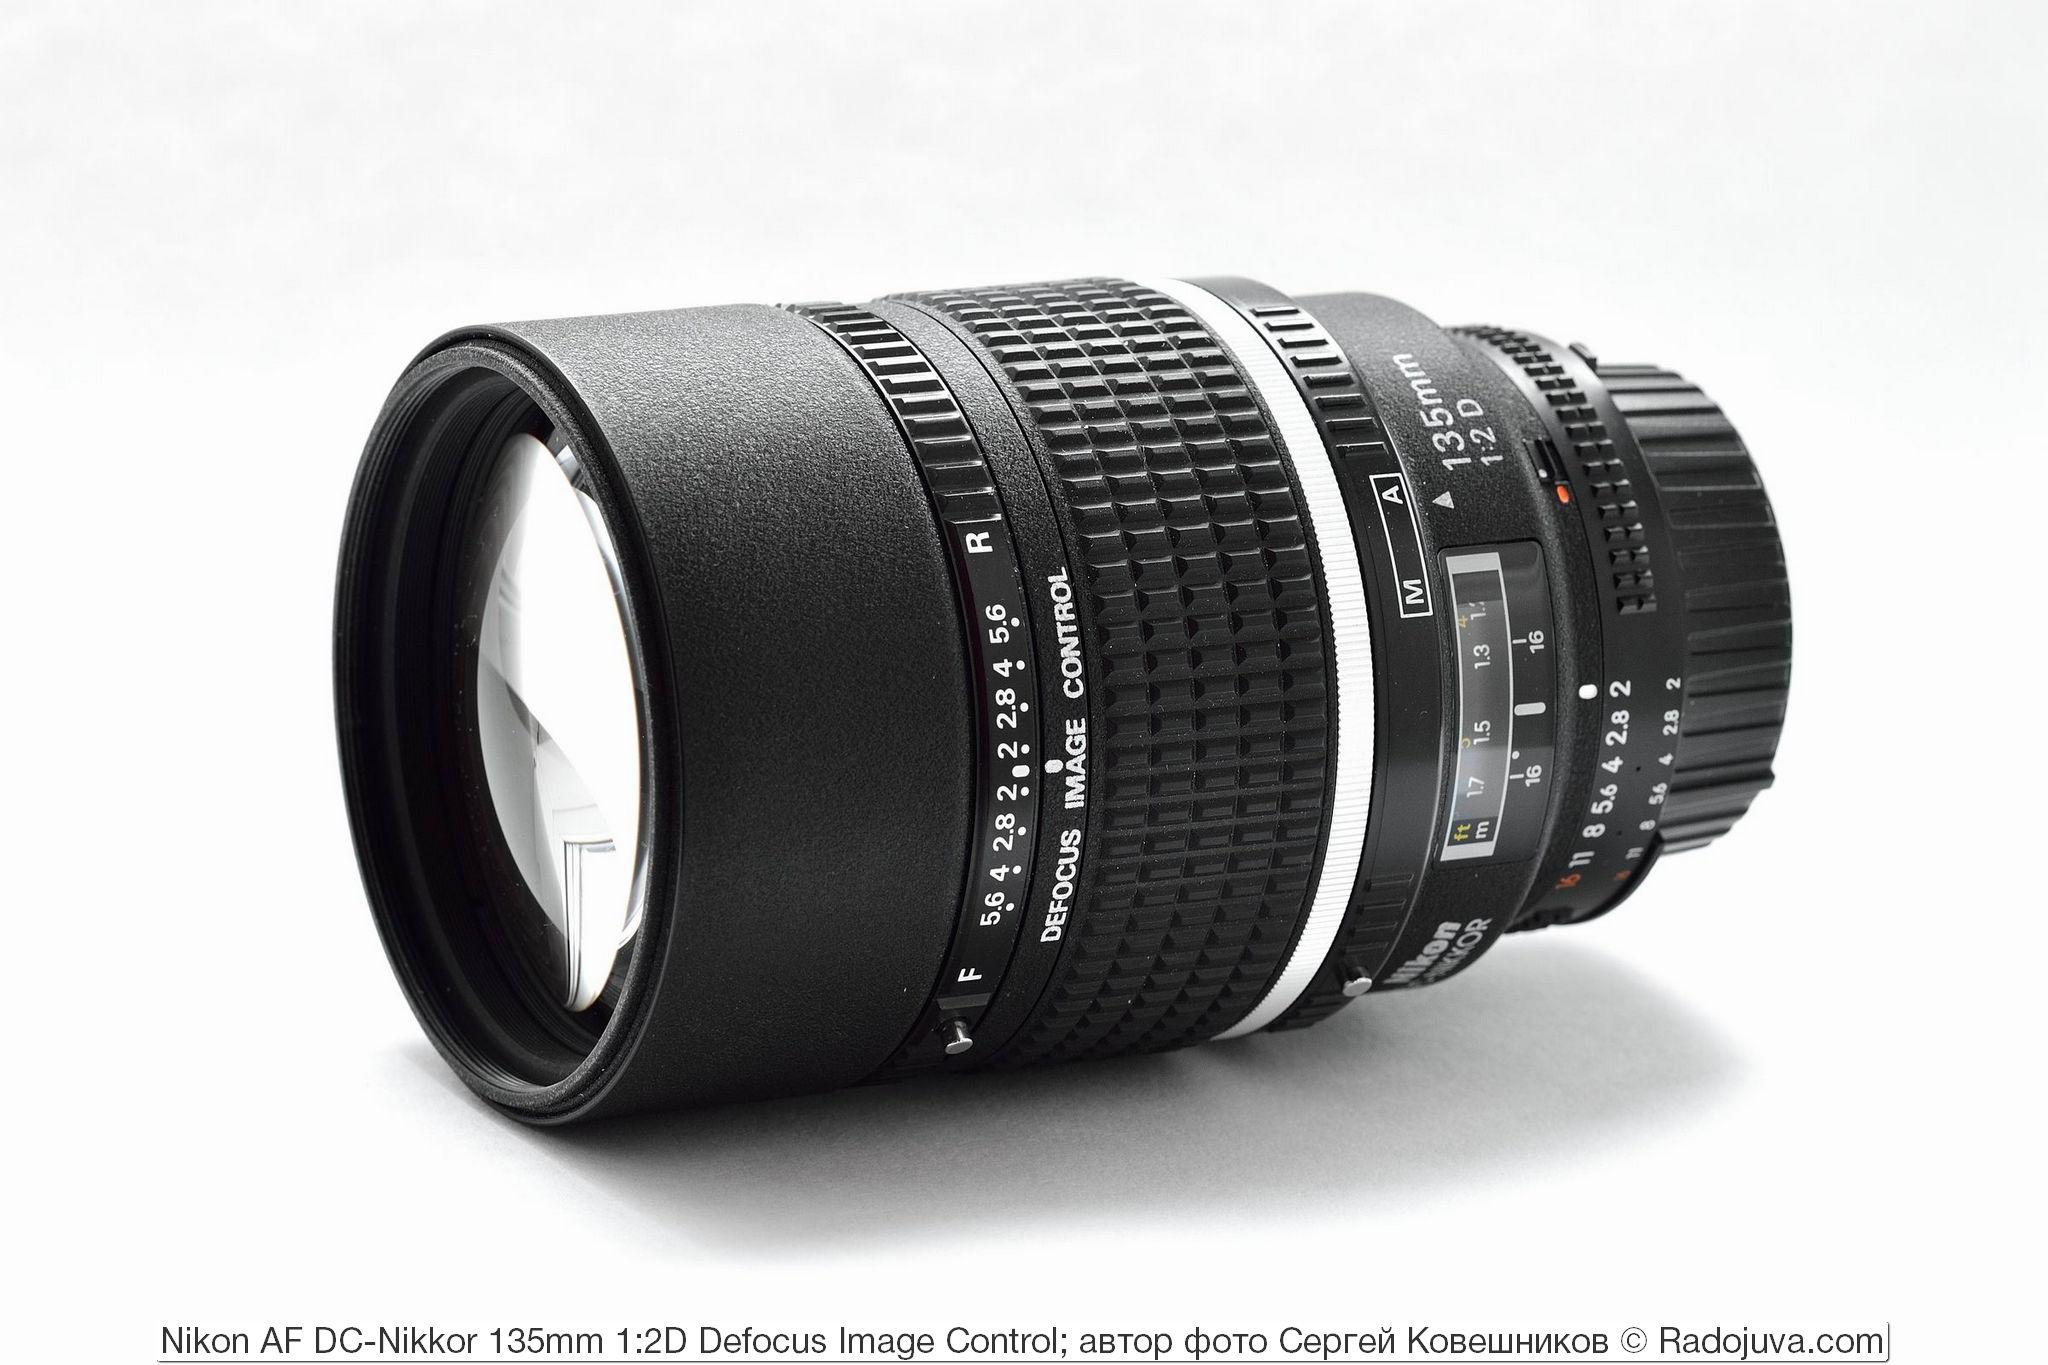 Nikon AF DC-Nikkor 135mm 1:2D Defocus Image Control